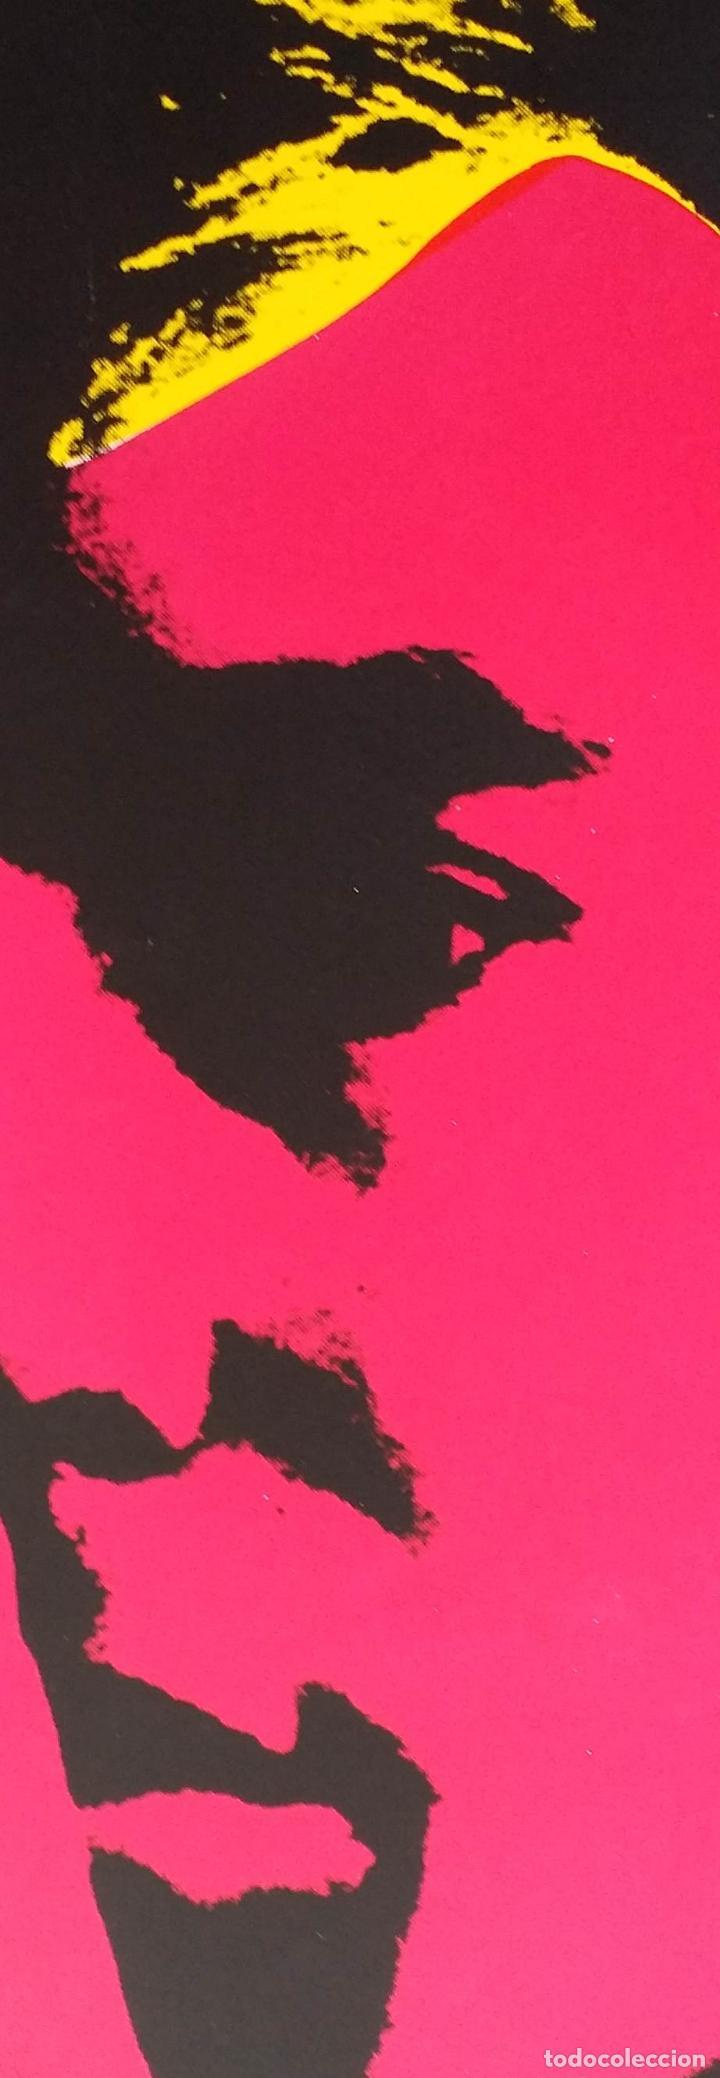 Arte: Andy WARHOL: Autorretrato, serigrafía, 1967 - Foto 4 - 144493238